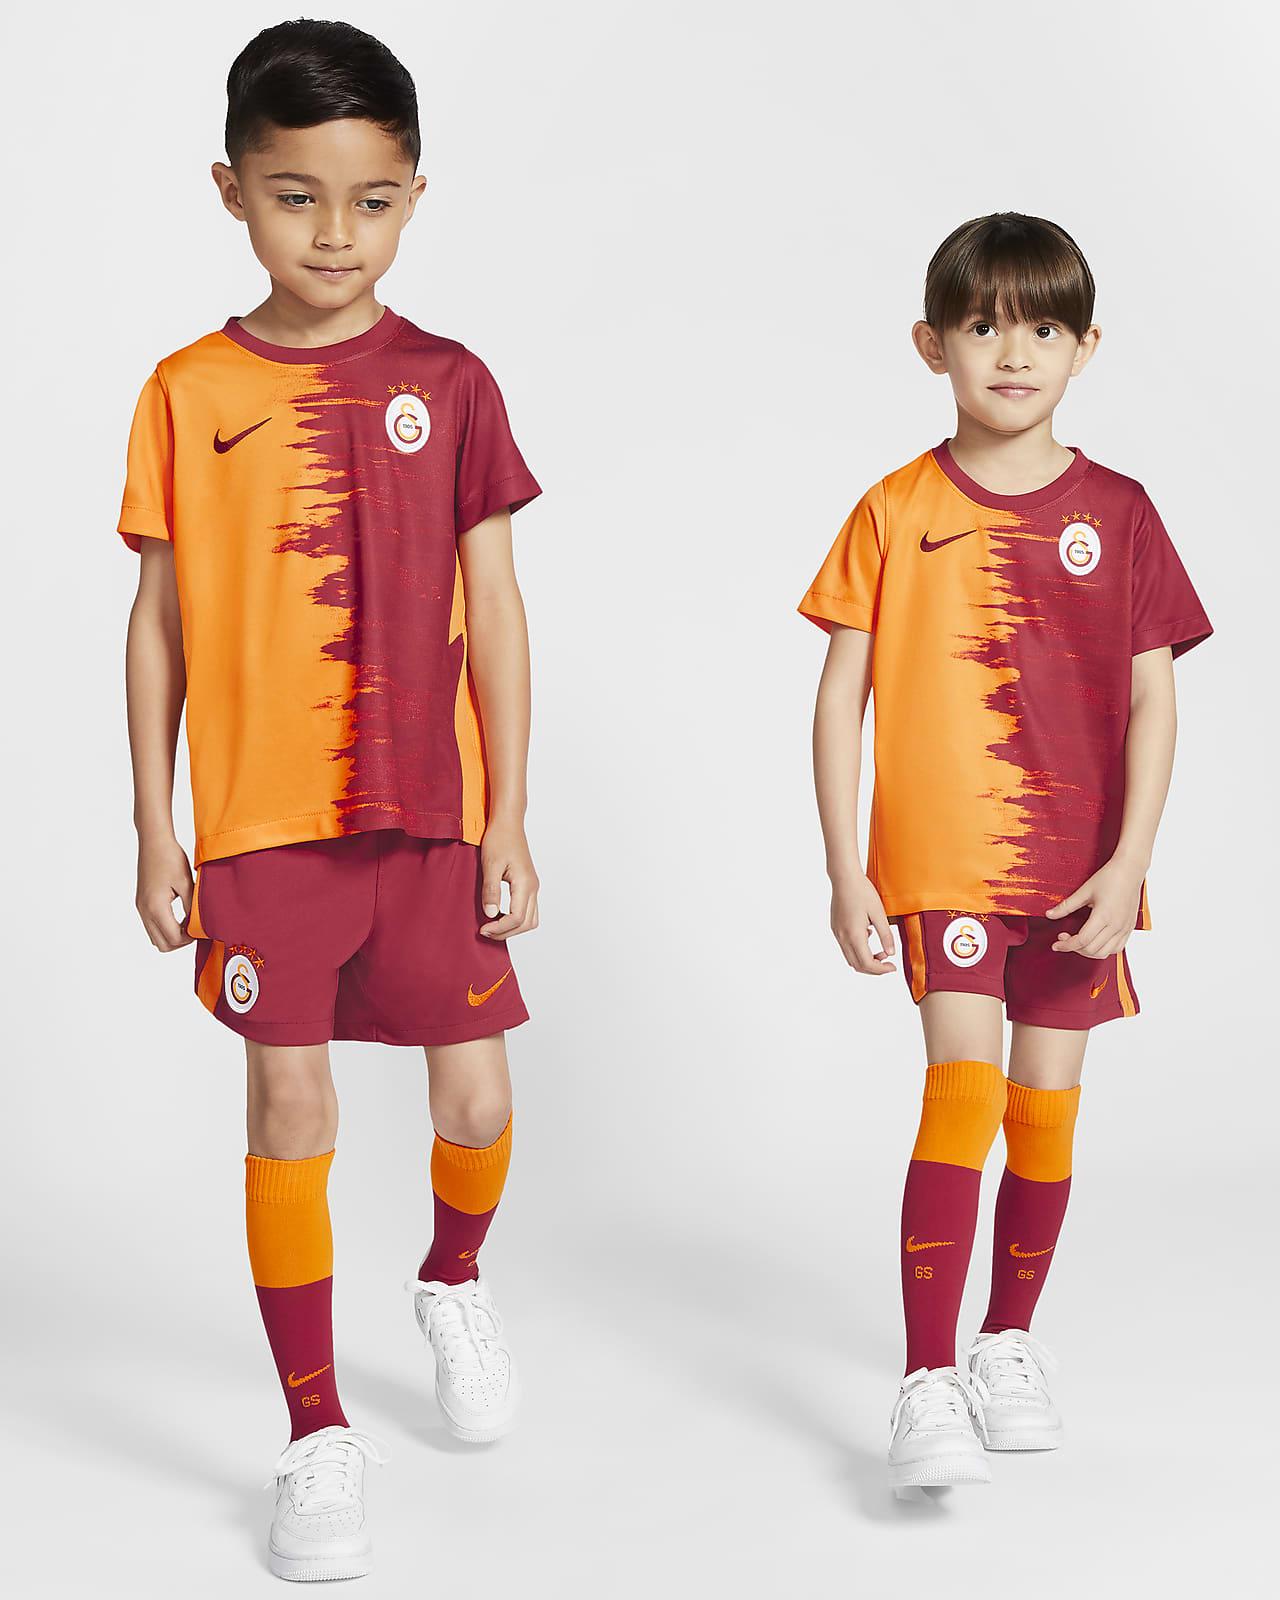 Galatasaray 2020/21 hazai futballszett gyerekeknek